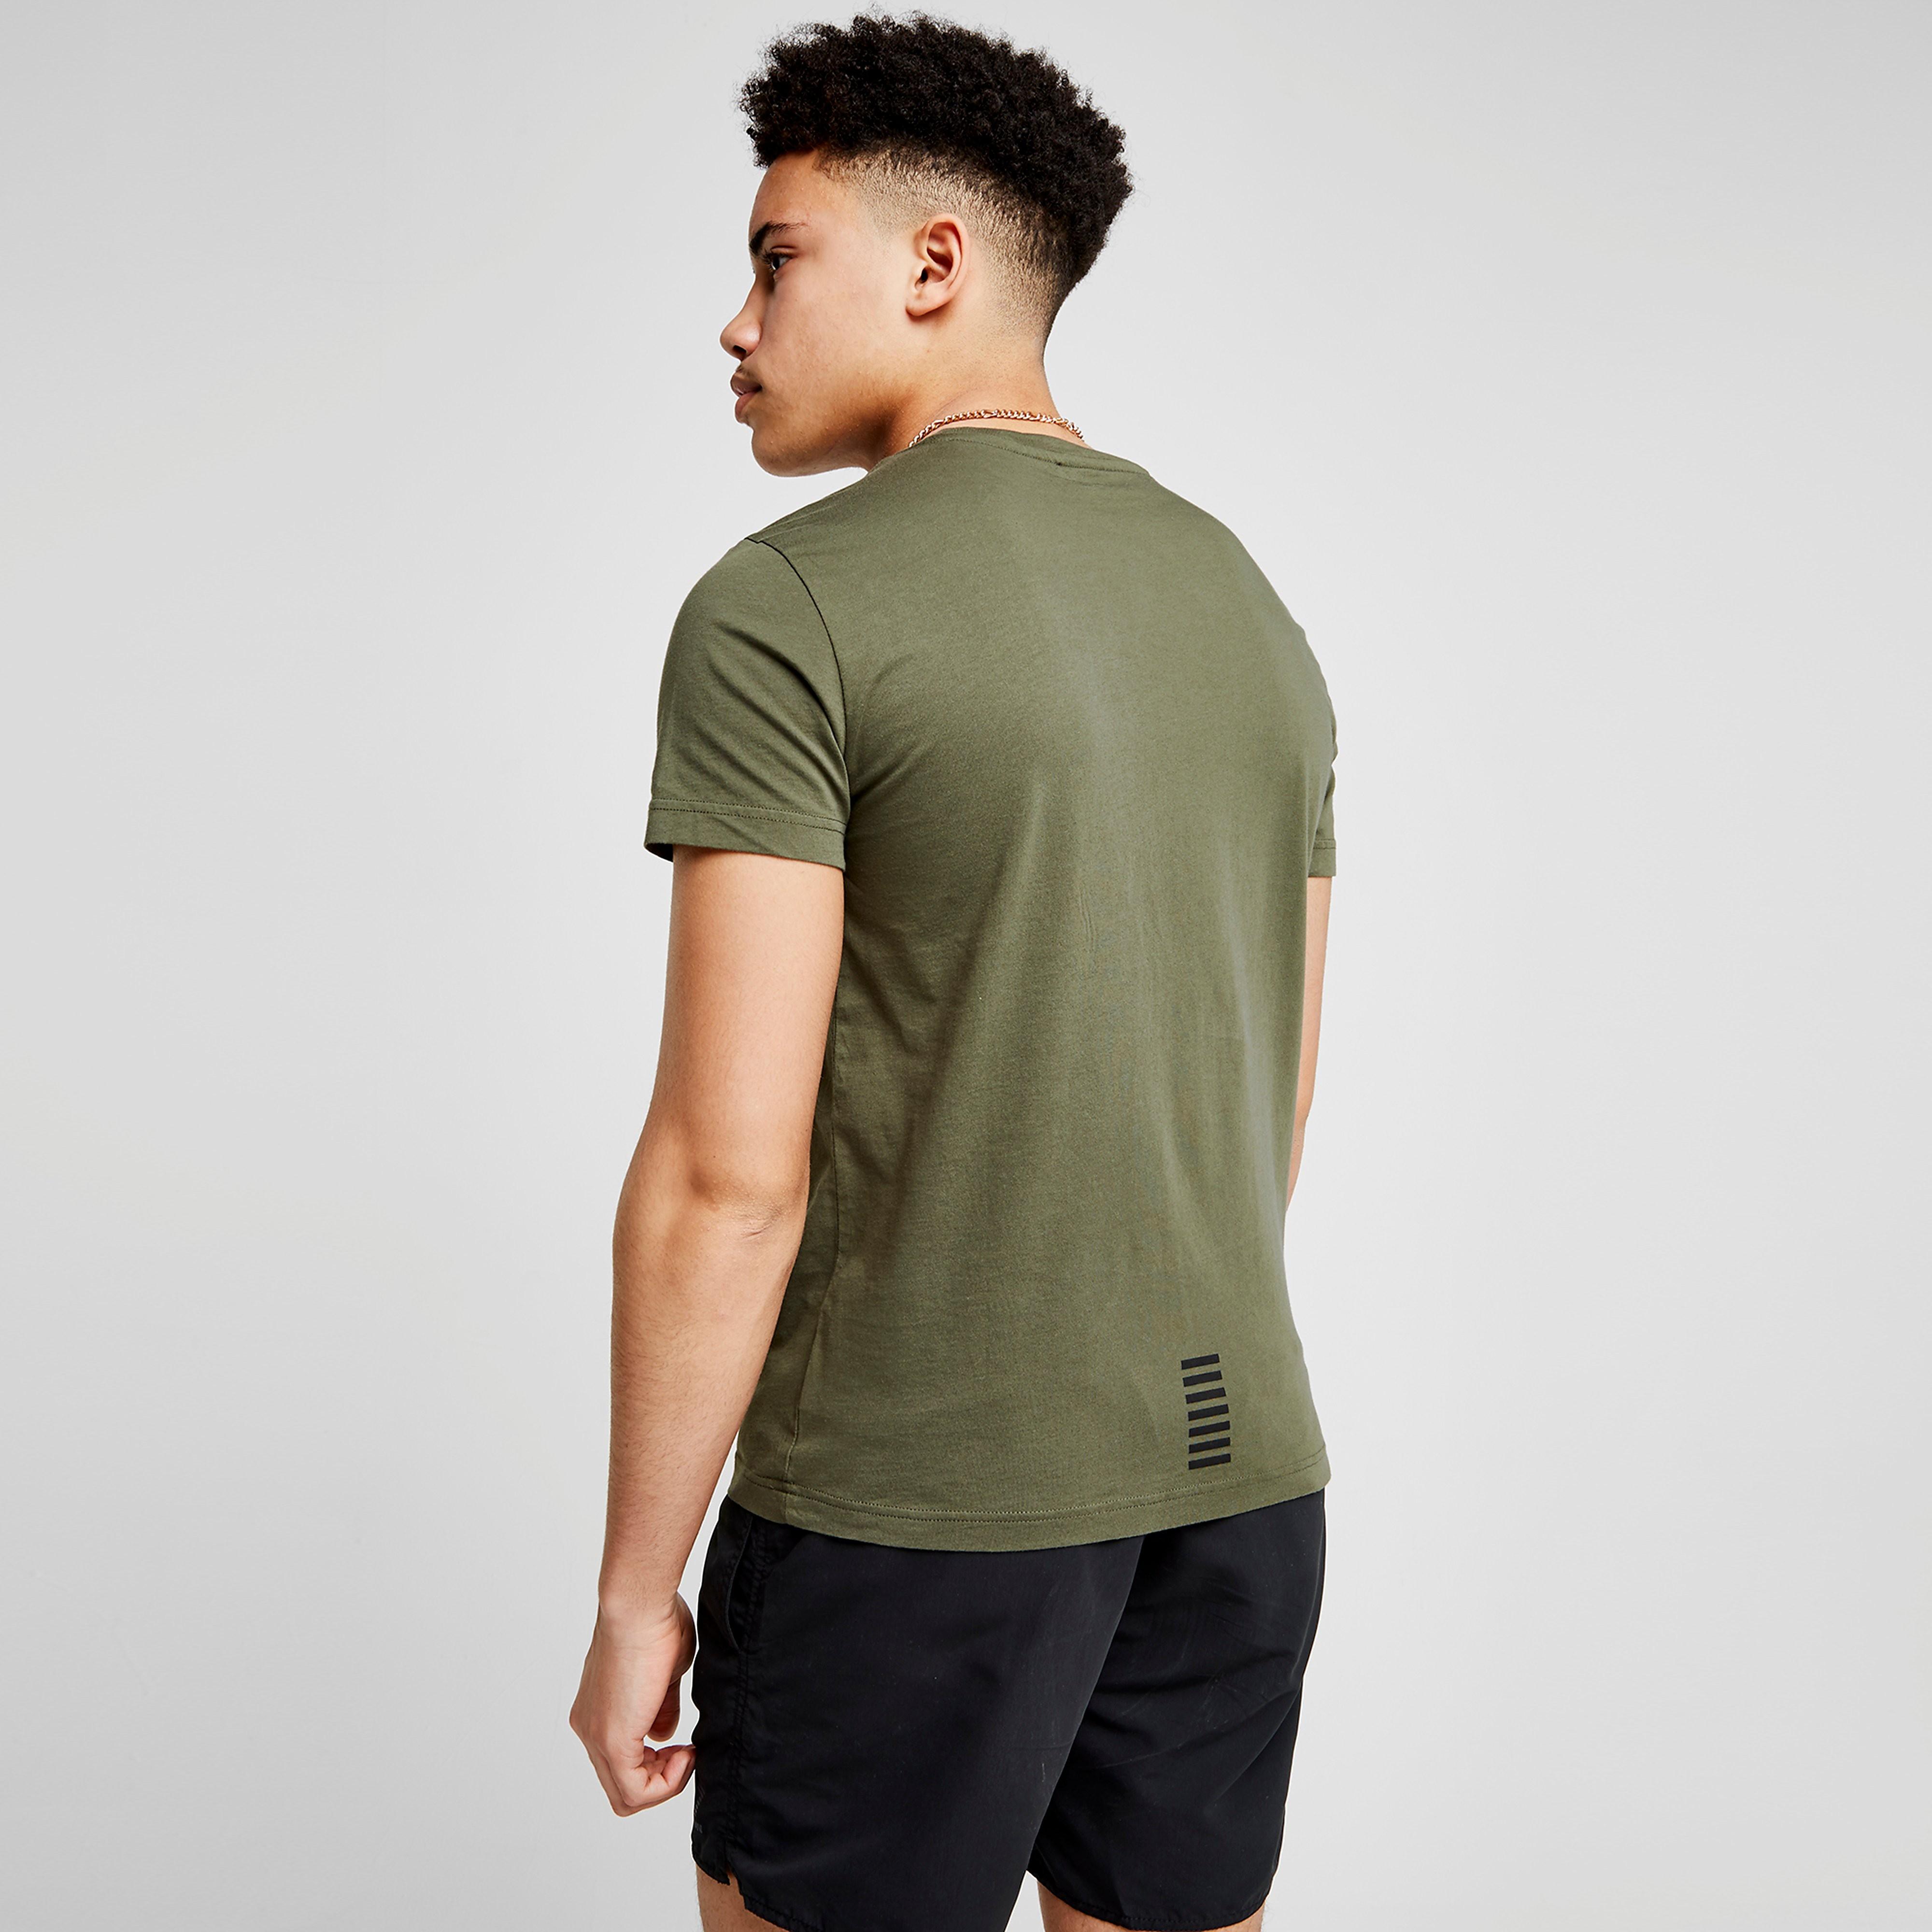 Emporio Armani EA7 Core Crew T-Shirt